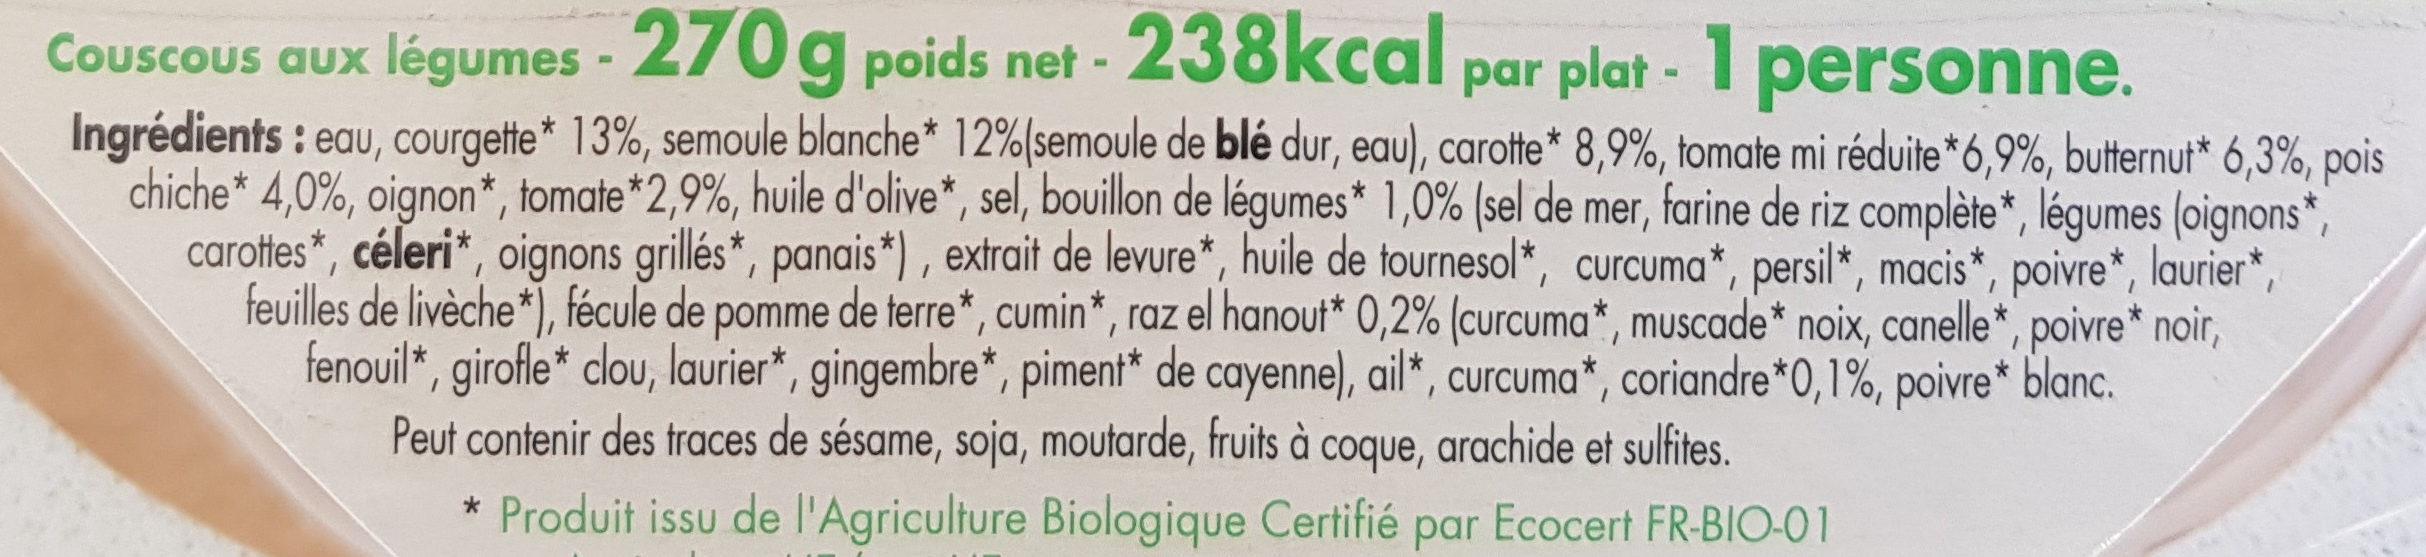 Coucous Aux Legumes - Ingrédients - fr